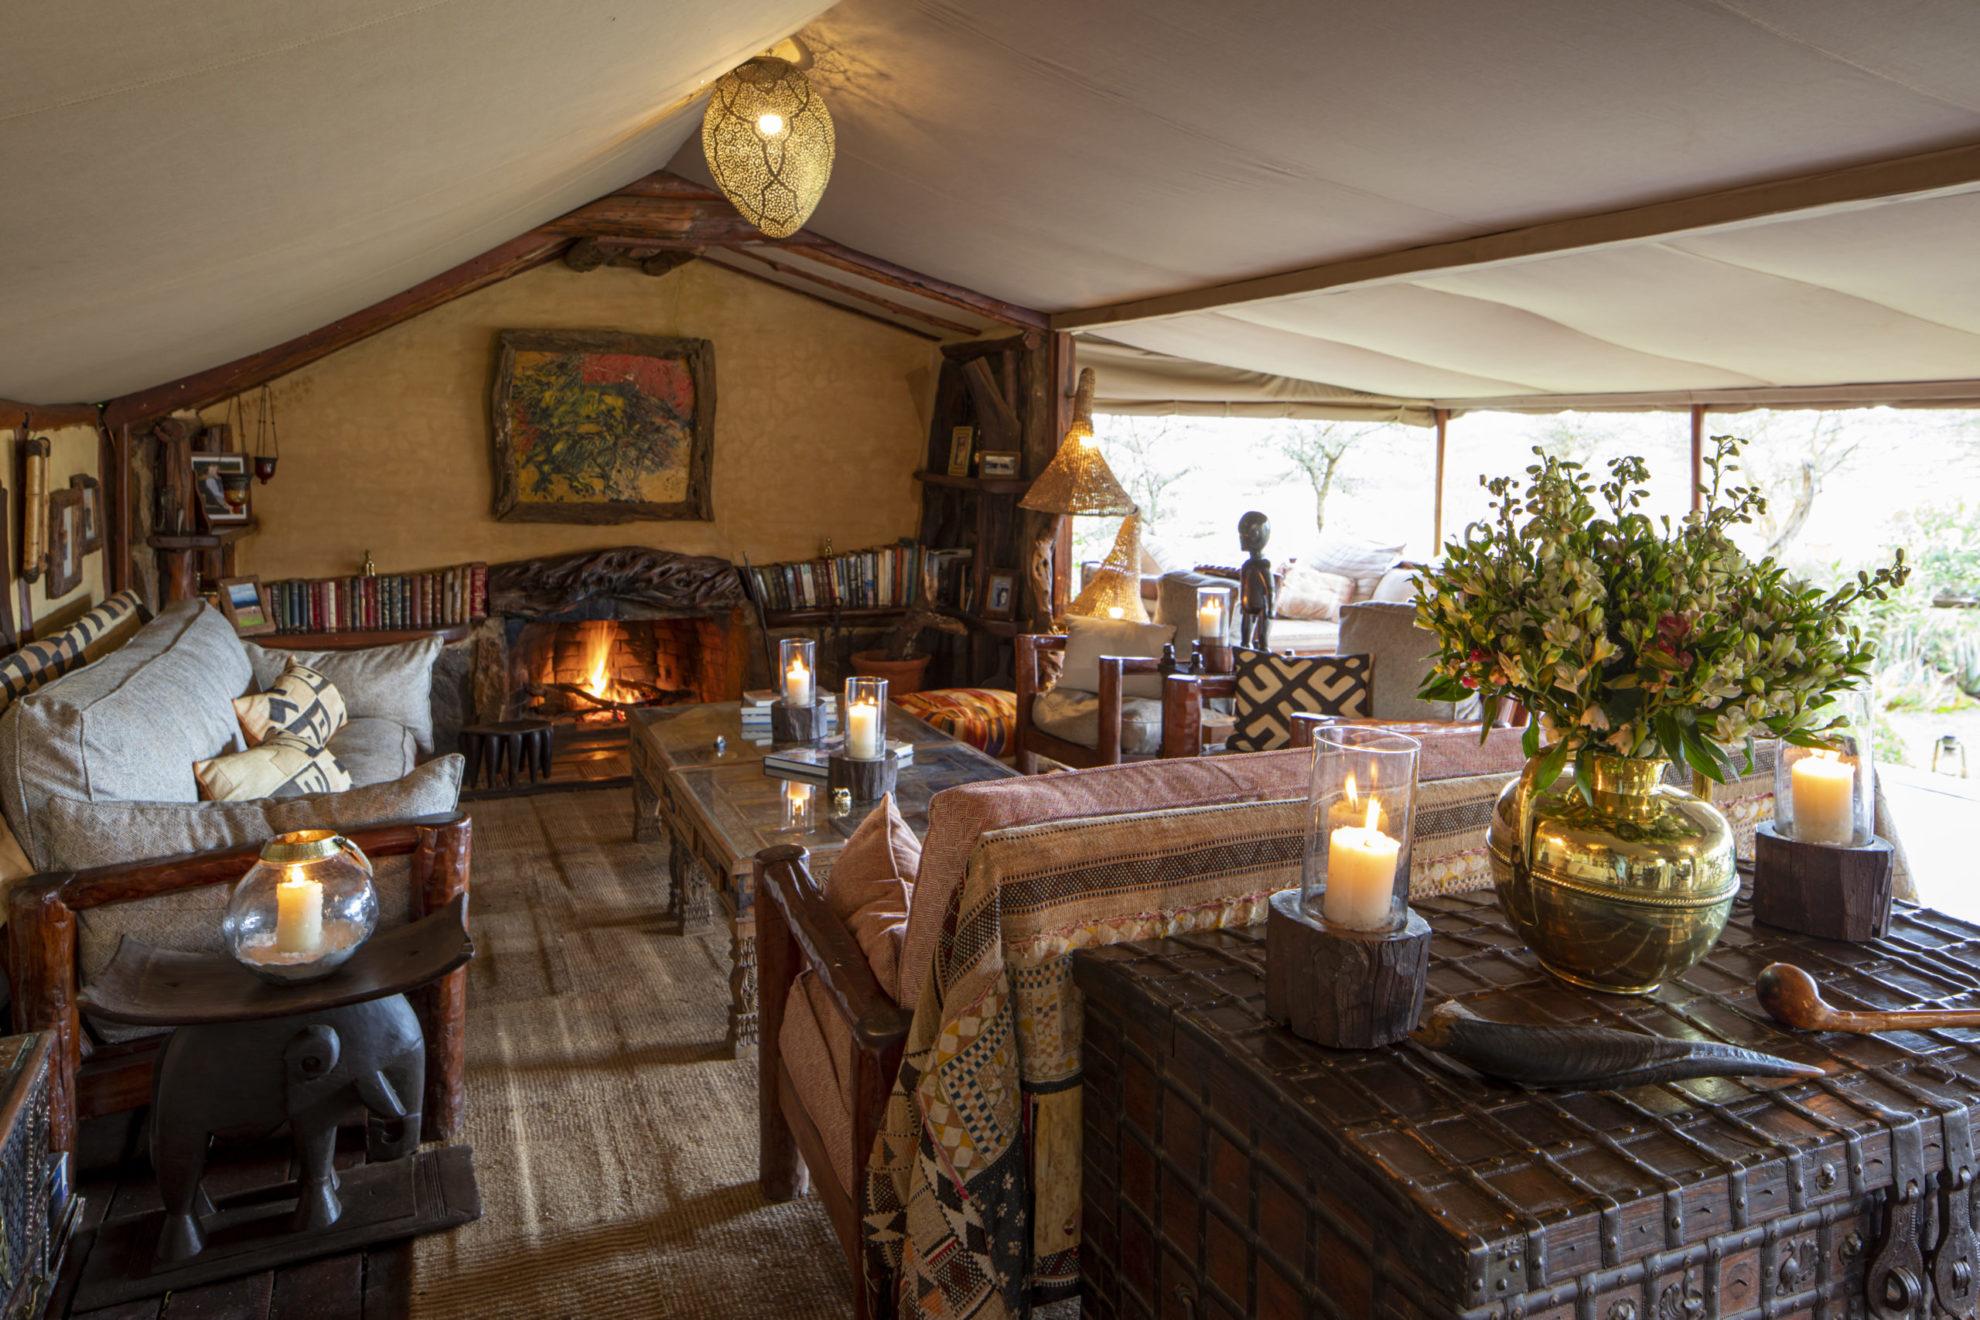 Kenya - Laikipia - 12890 - Camp Lounge